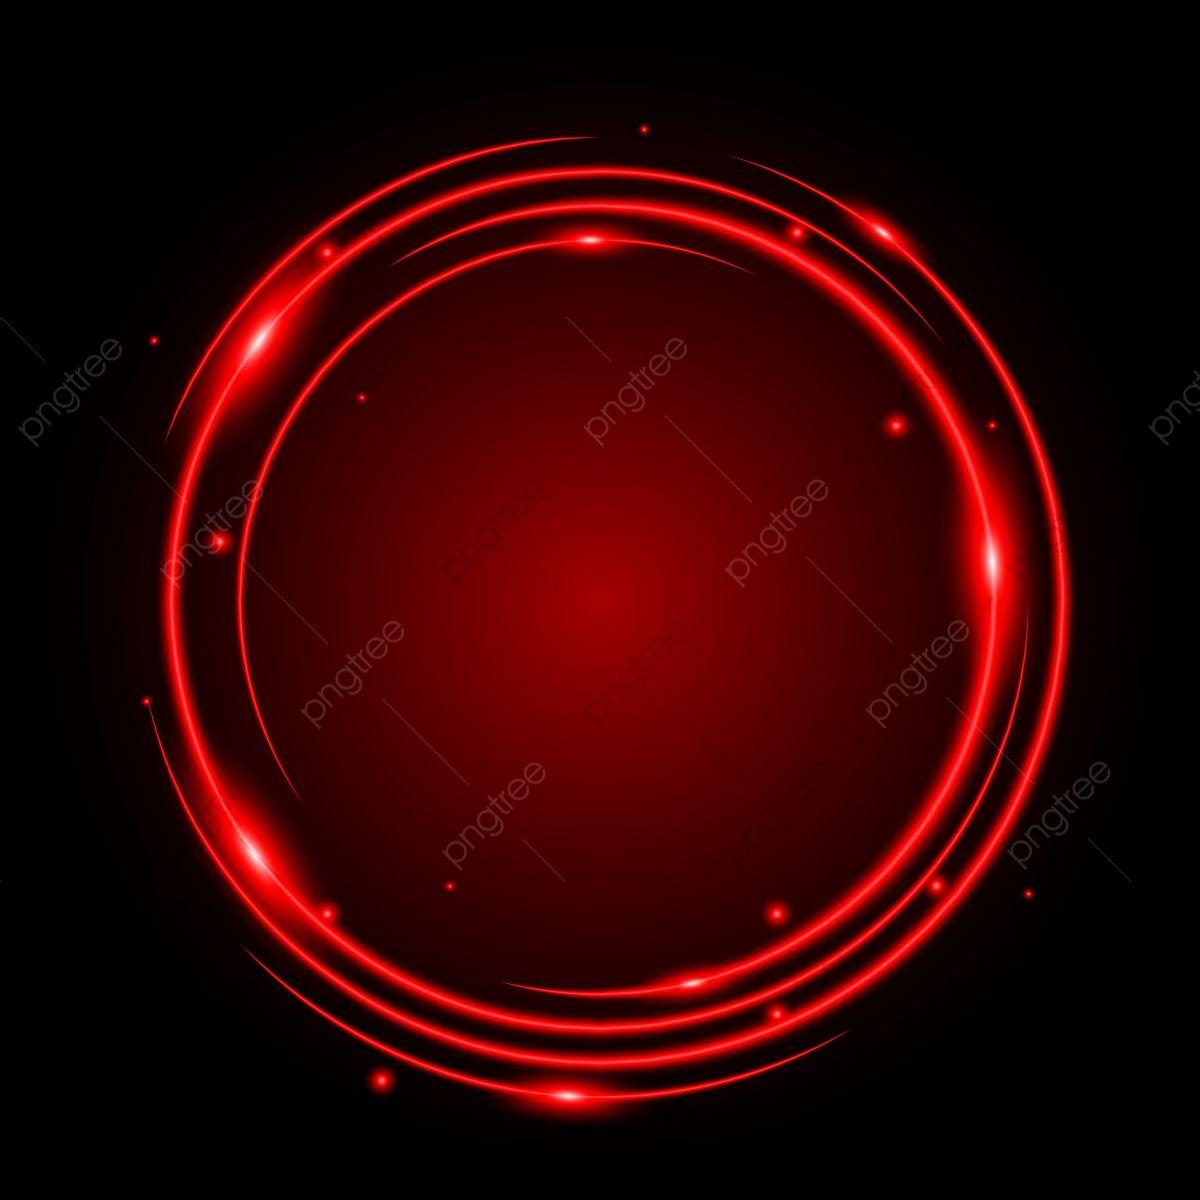 Resumen Circulo Luz Marco Rojo Vector Fondo Rojo Circulo Senal De Neon Png Y Vector Para Descargar Gratis Pngtree Vector De Fondo Imagenes De Pantalla Marco De Boda